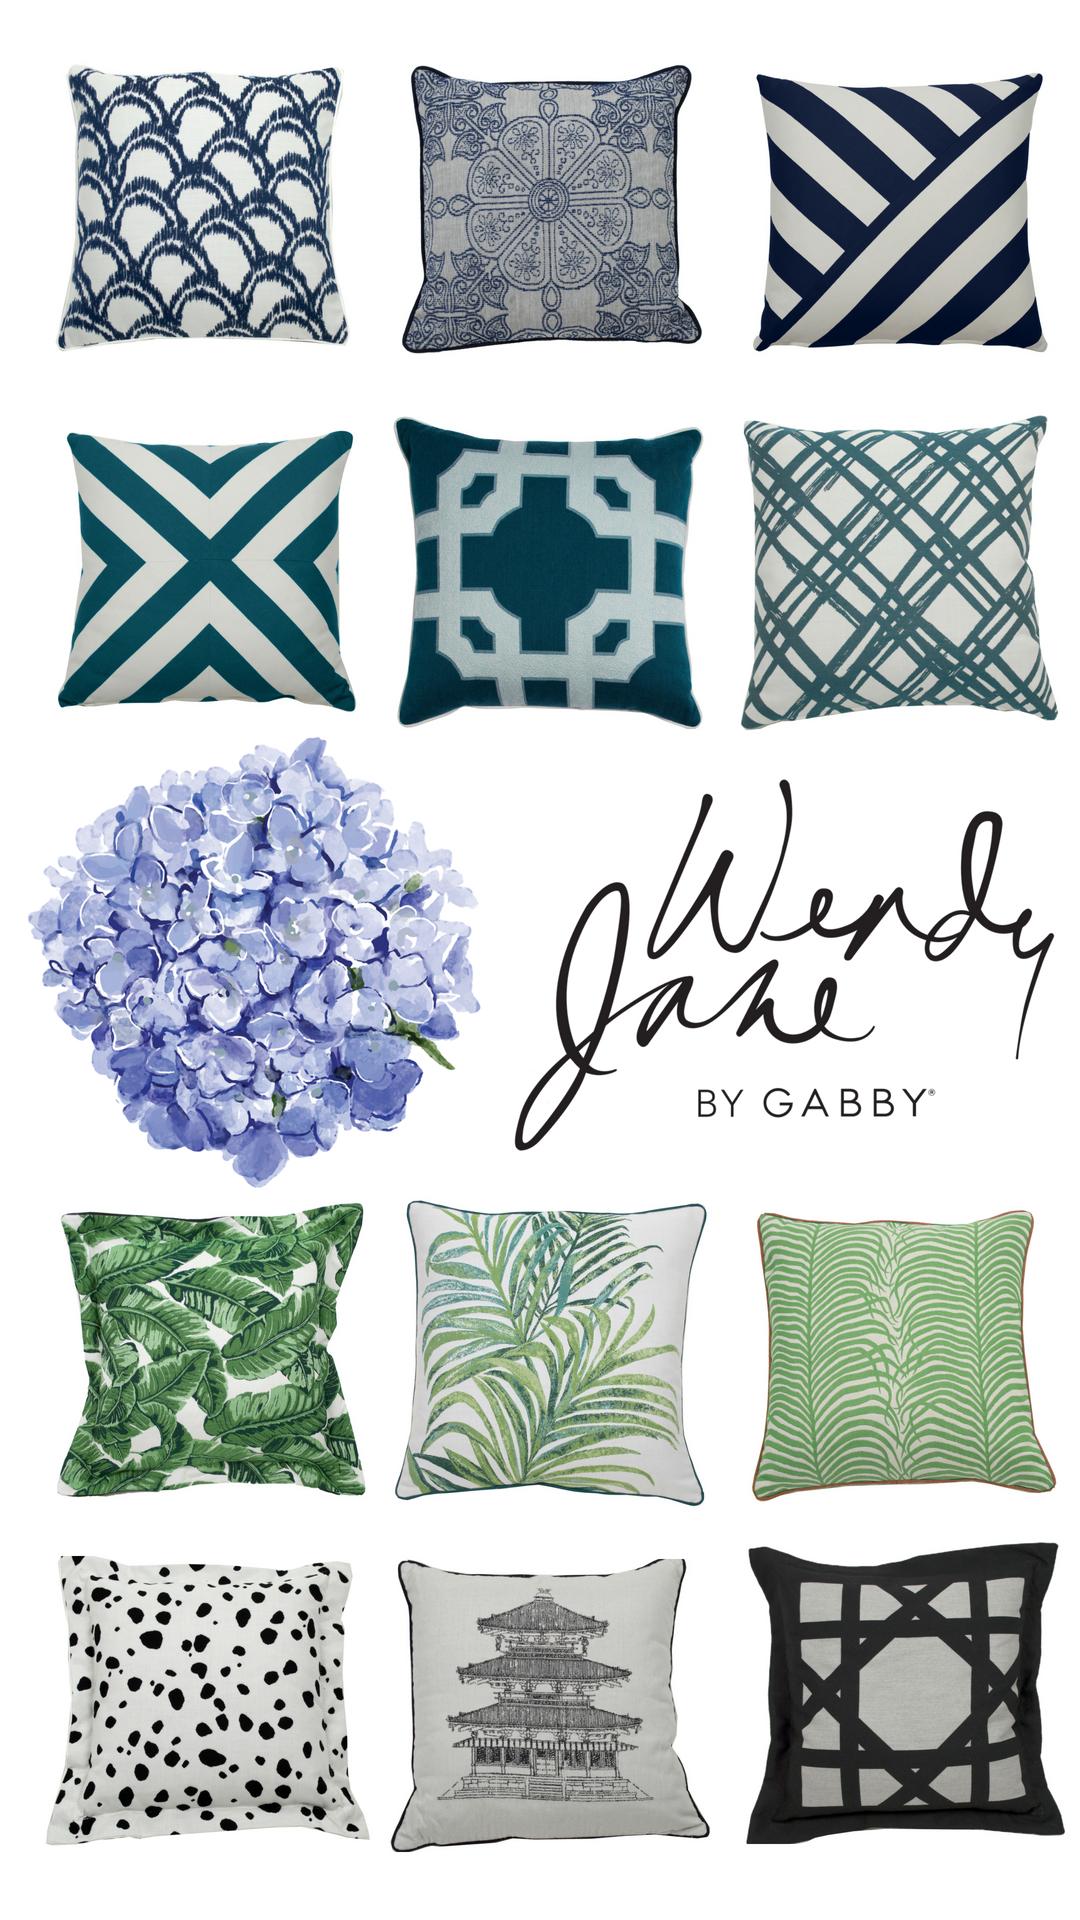 Throw Pillow Styling Outdoor Pillows Summer Clics Furniture High Point Market